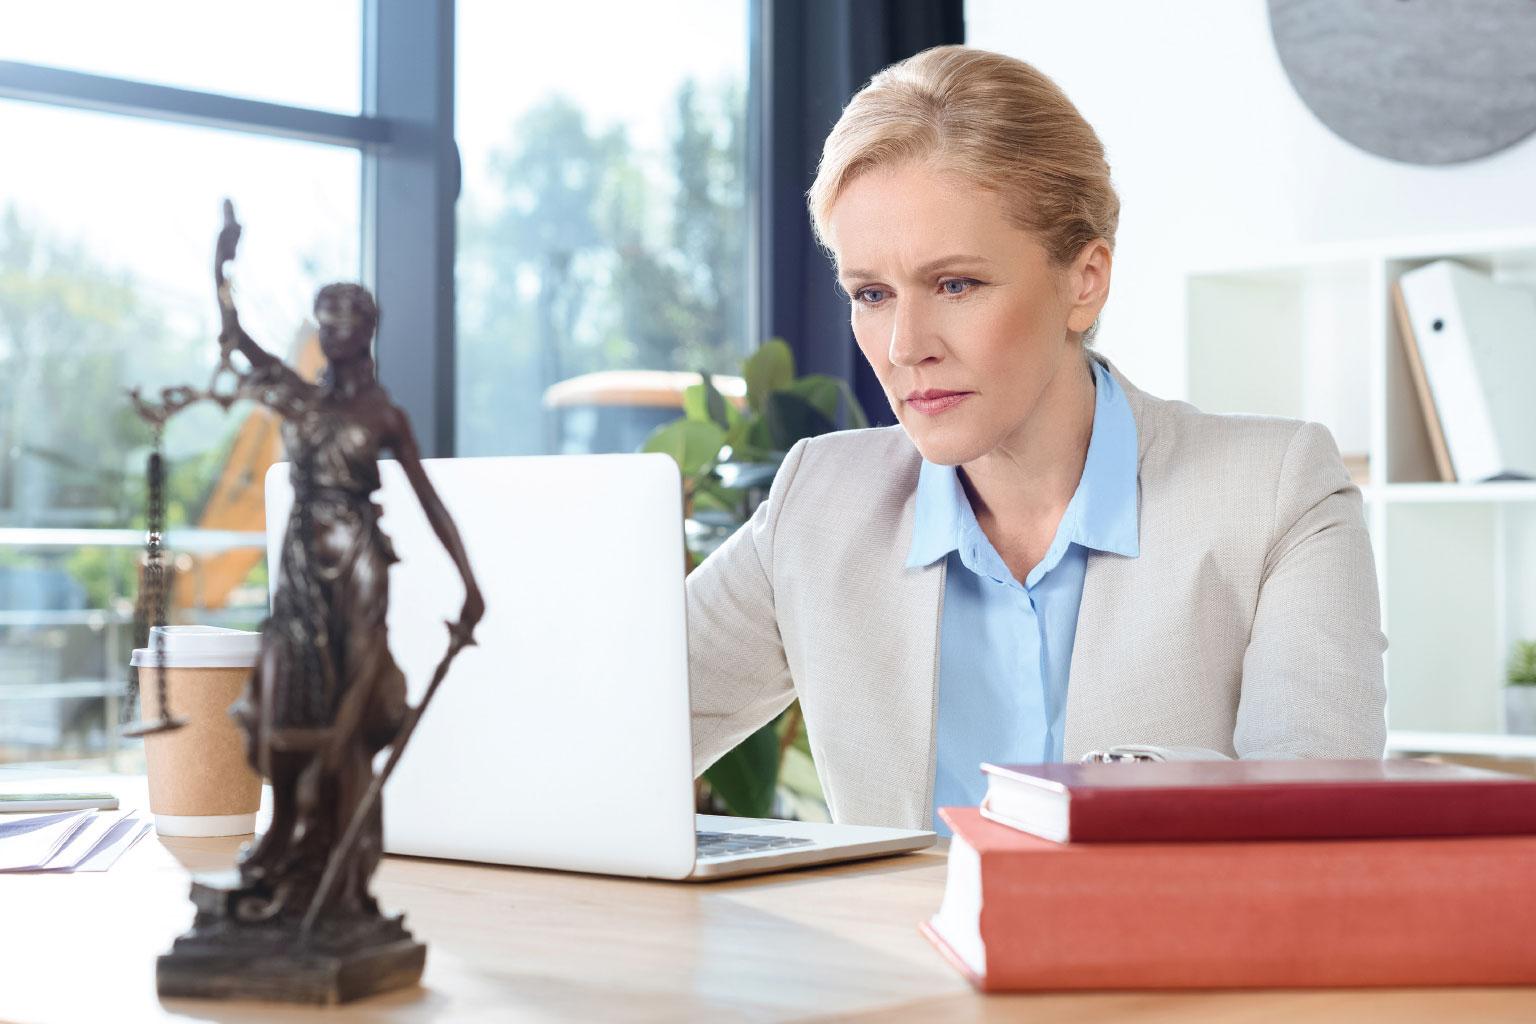 Prawniczka pracuje na laptopie korzystając z LEX Context